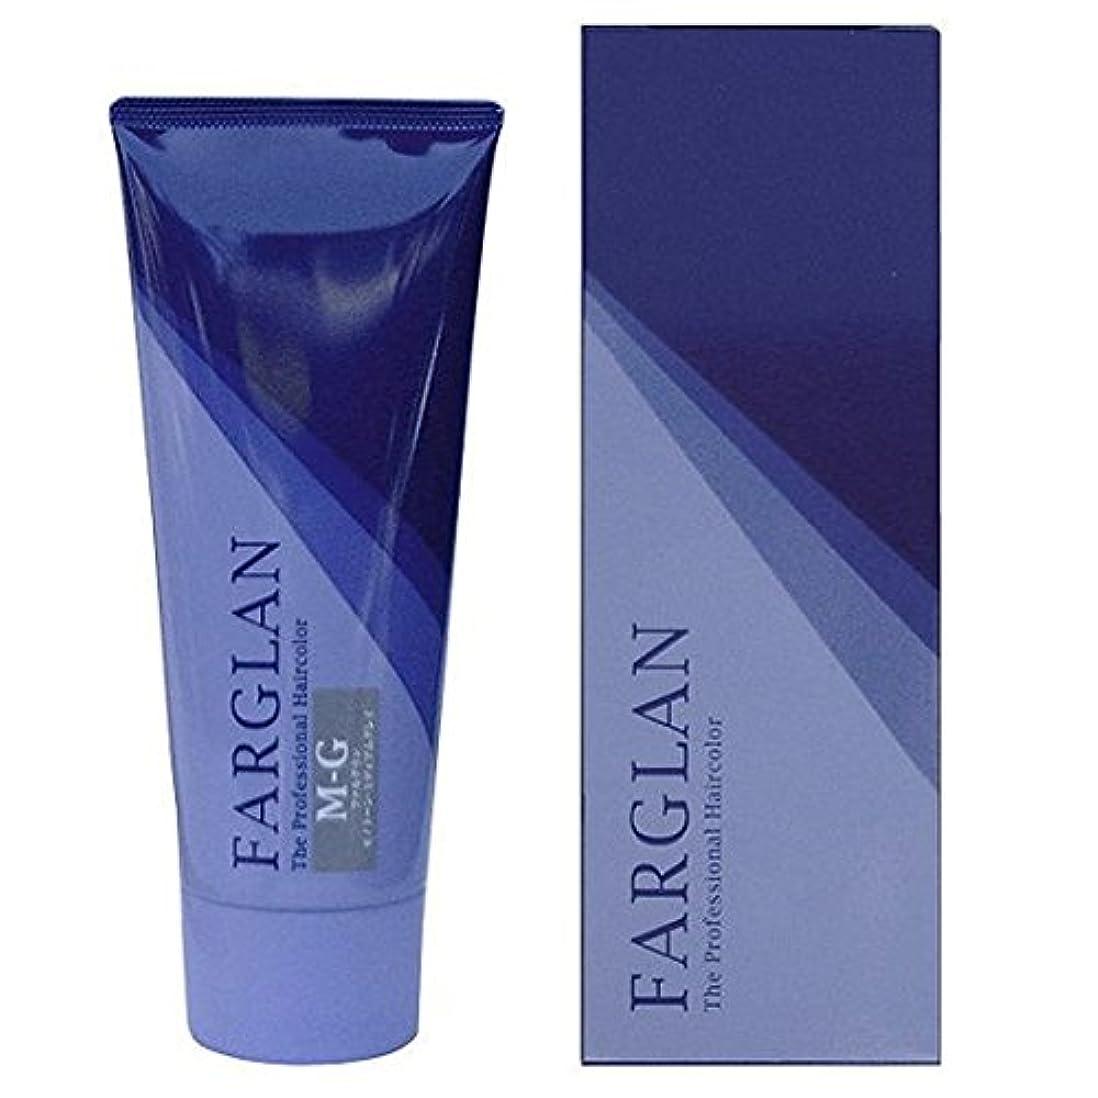 増加するウイルス会話FARGLAN(ファルグラン) ヘアカラー D-NB 160g